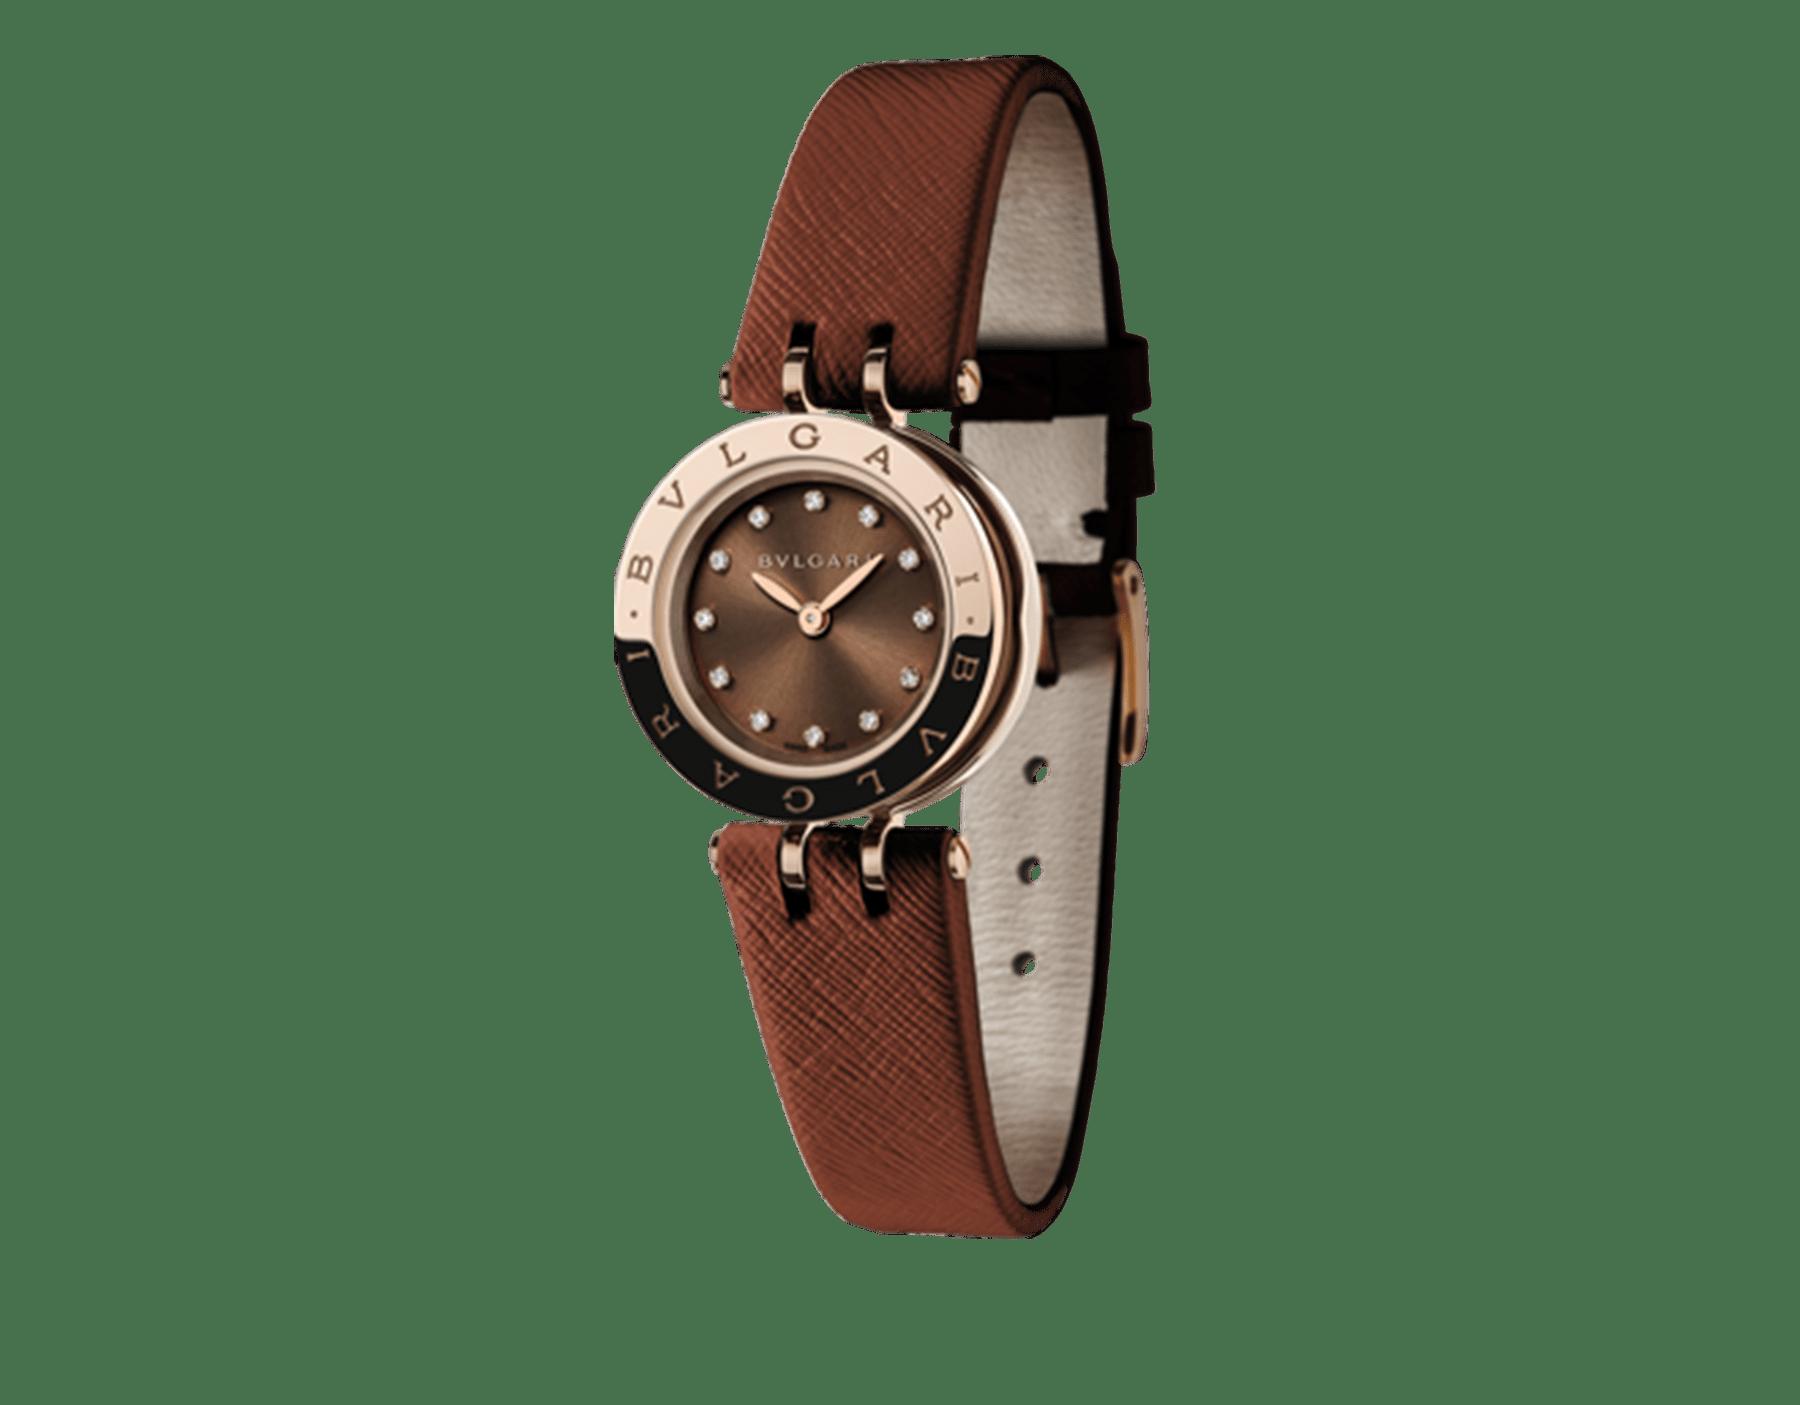 Montre B.zero1 avec boîtier en acier inoxydable et or rose 18K, spirale en PVD brun, cadran laqué brun, index sertis de diamants et bracelet en cuir de veau brun 102321 image 1